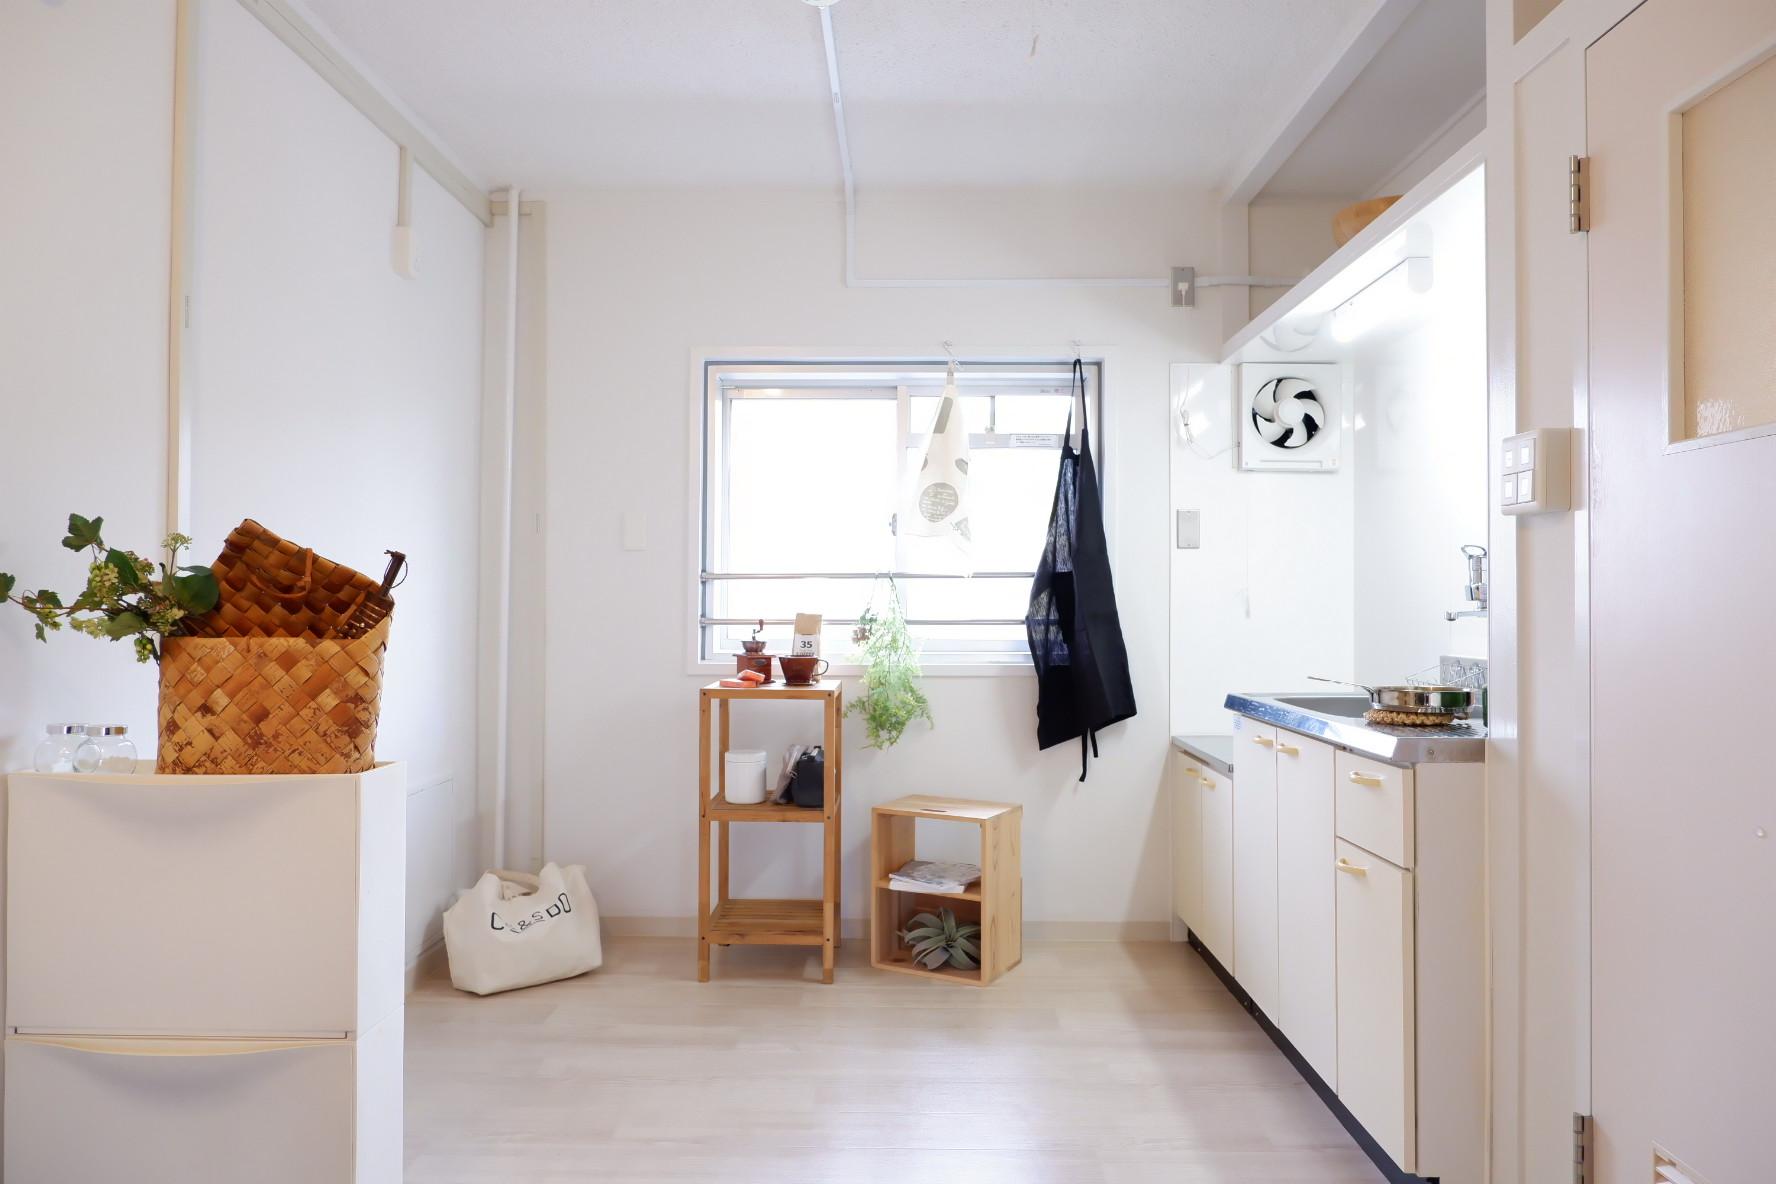 キッチンも広々。窓があるので湿気がこもらないのも嬉しいところ。